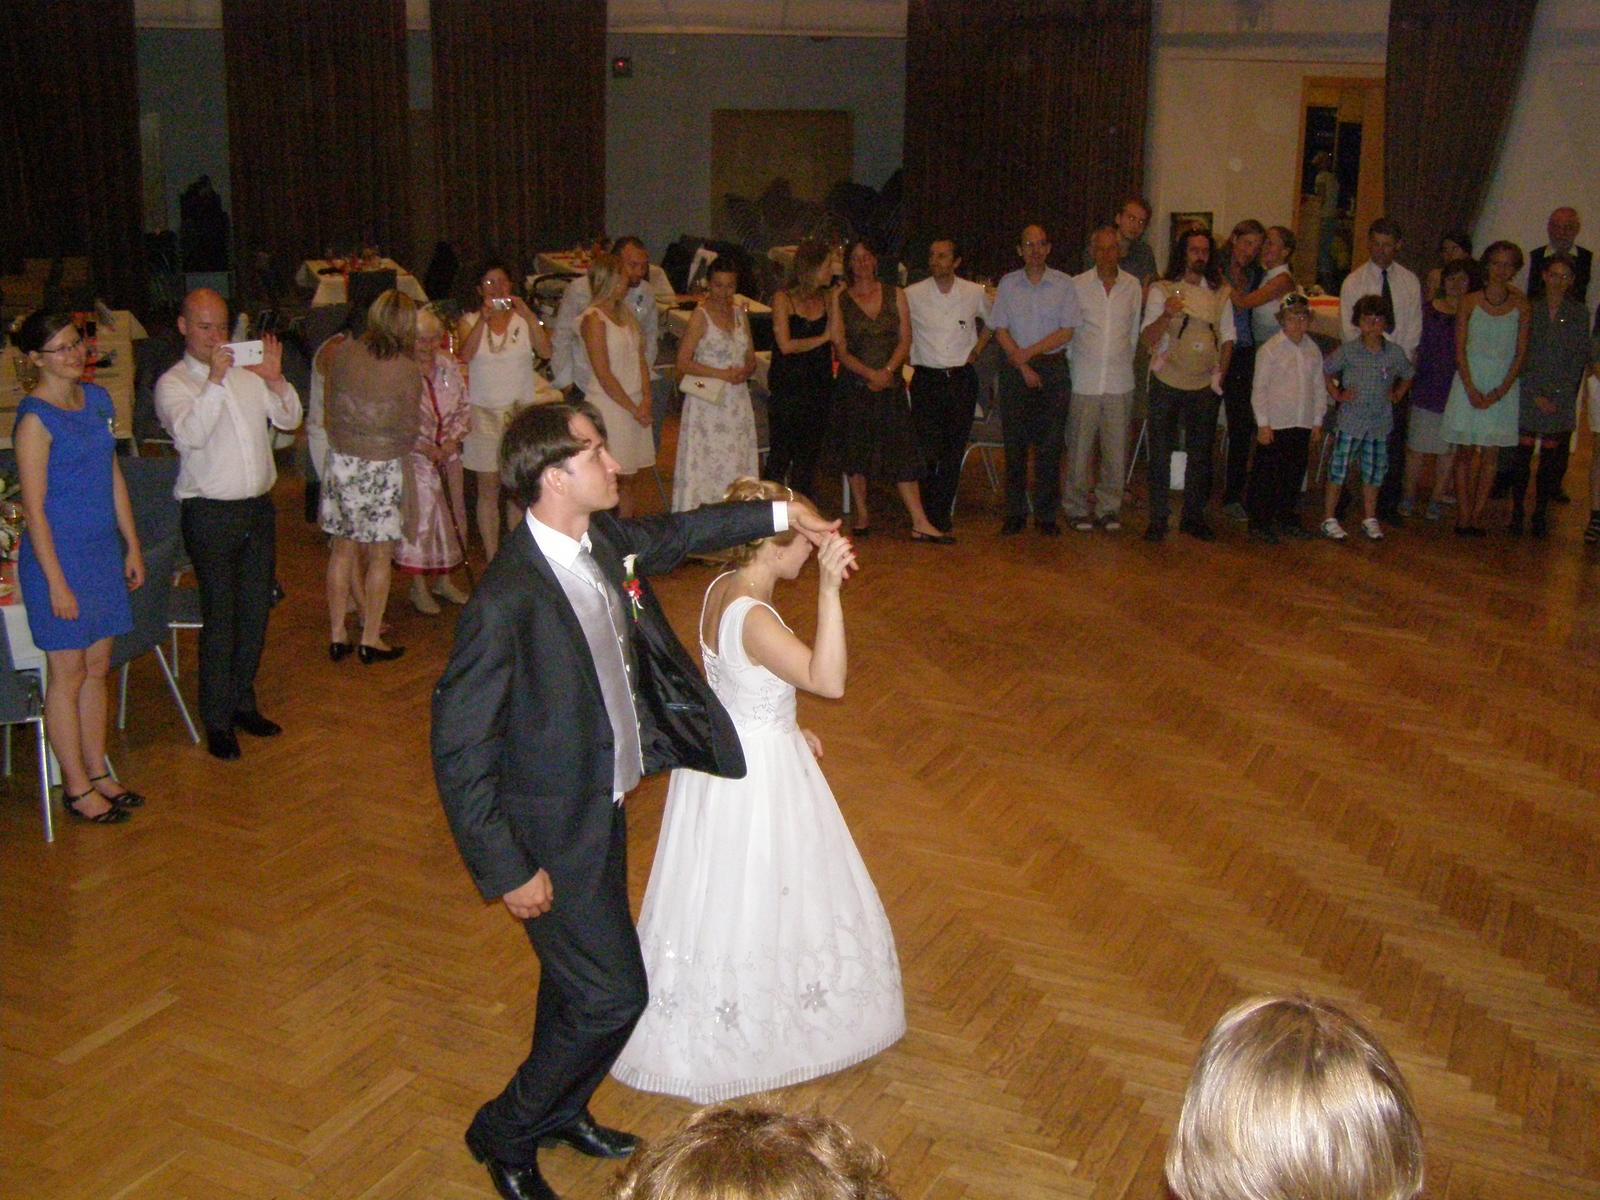 Svatba Lída Čermáková & Jiří Haut - Obrázek č. 1